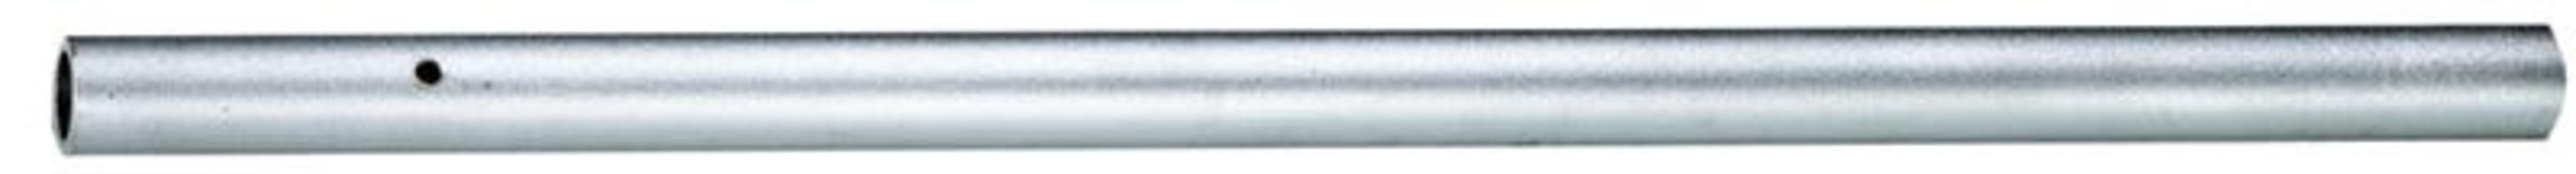 Vääntövarsi, Stahlwille - Vääntövarsi 460 mm, 24-32 mm avaimelle